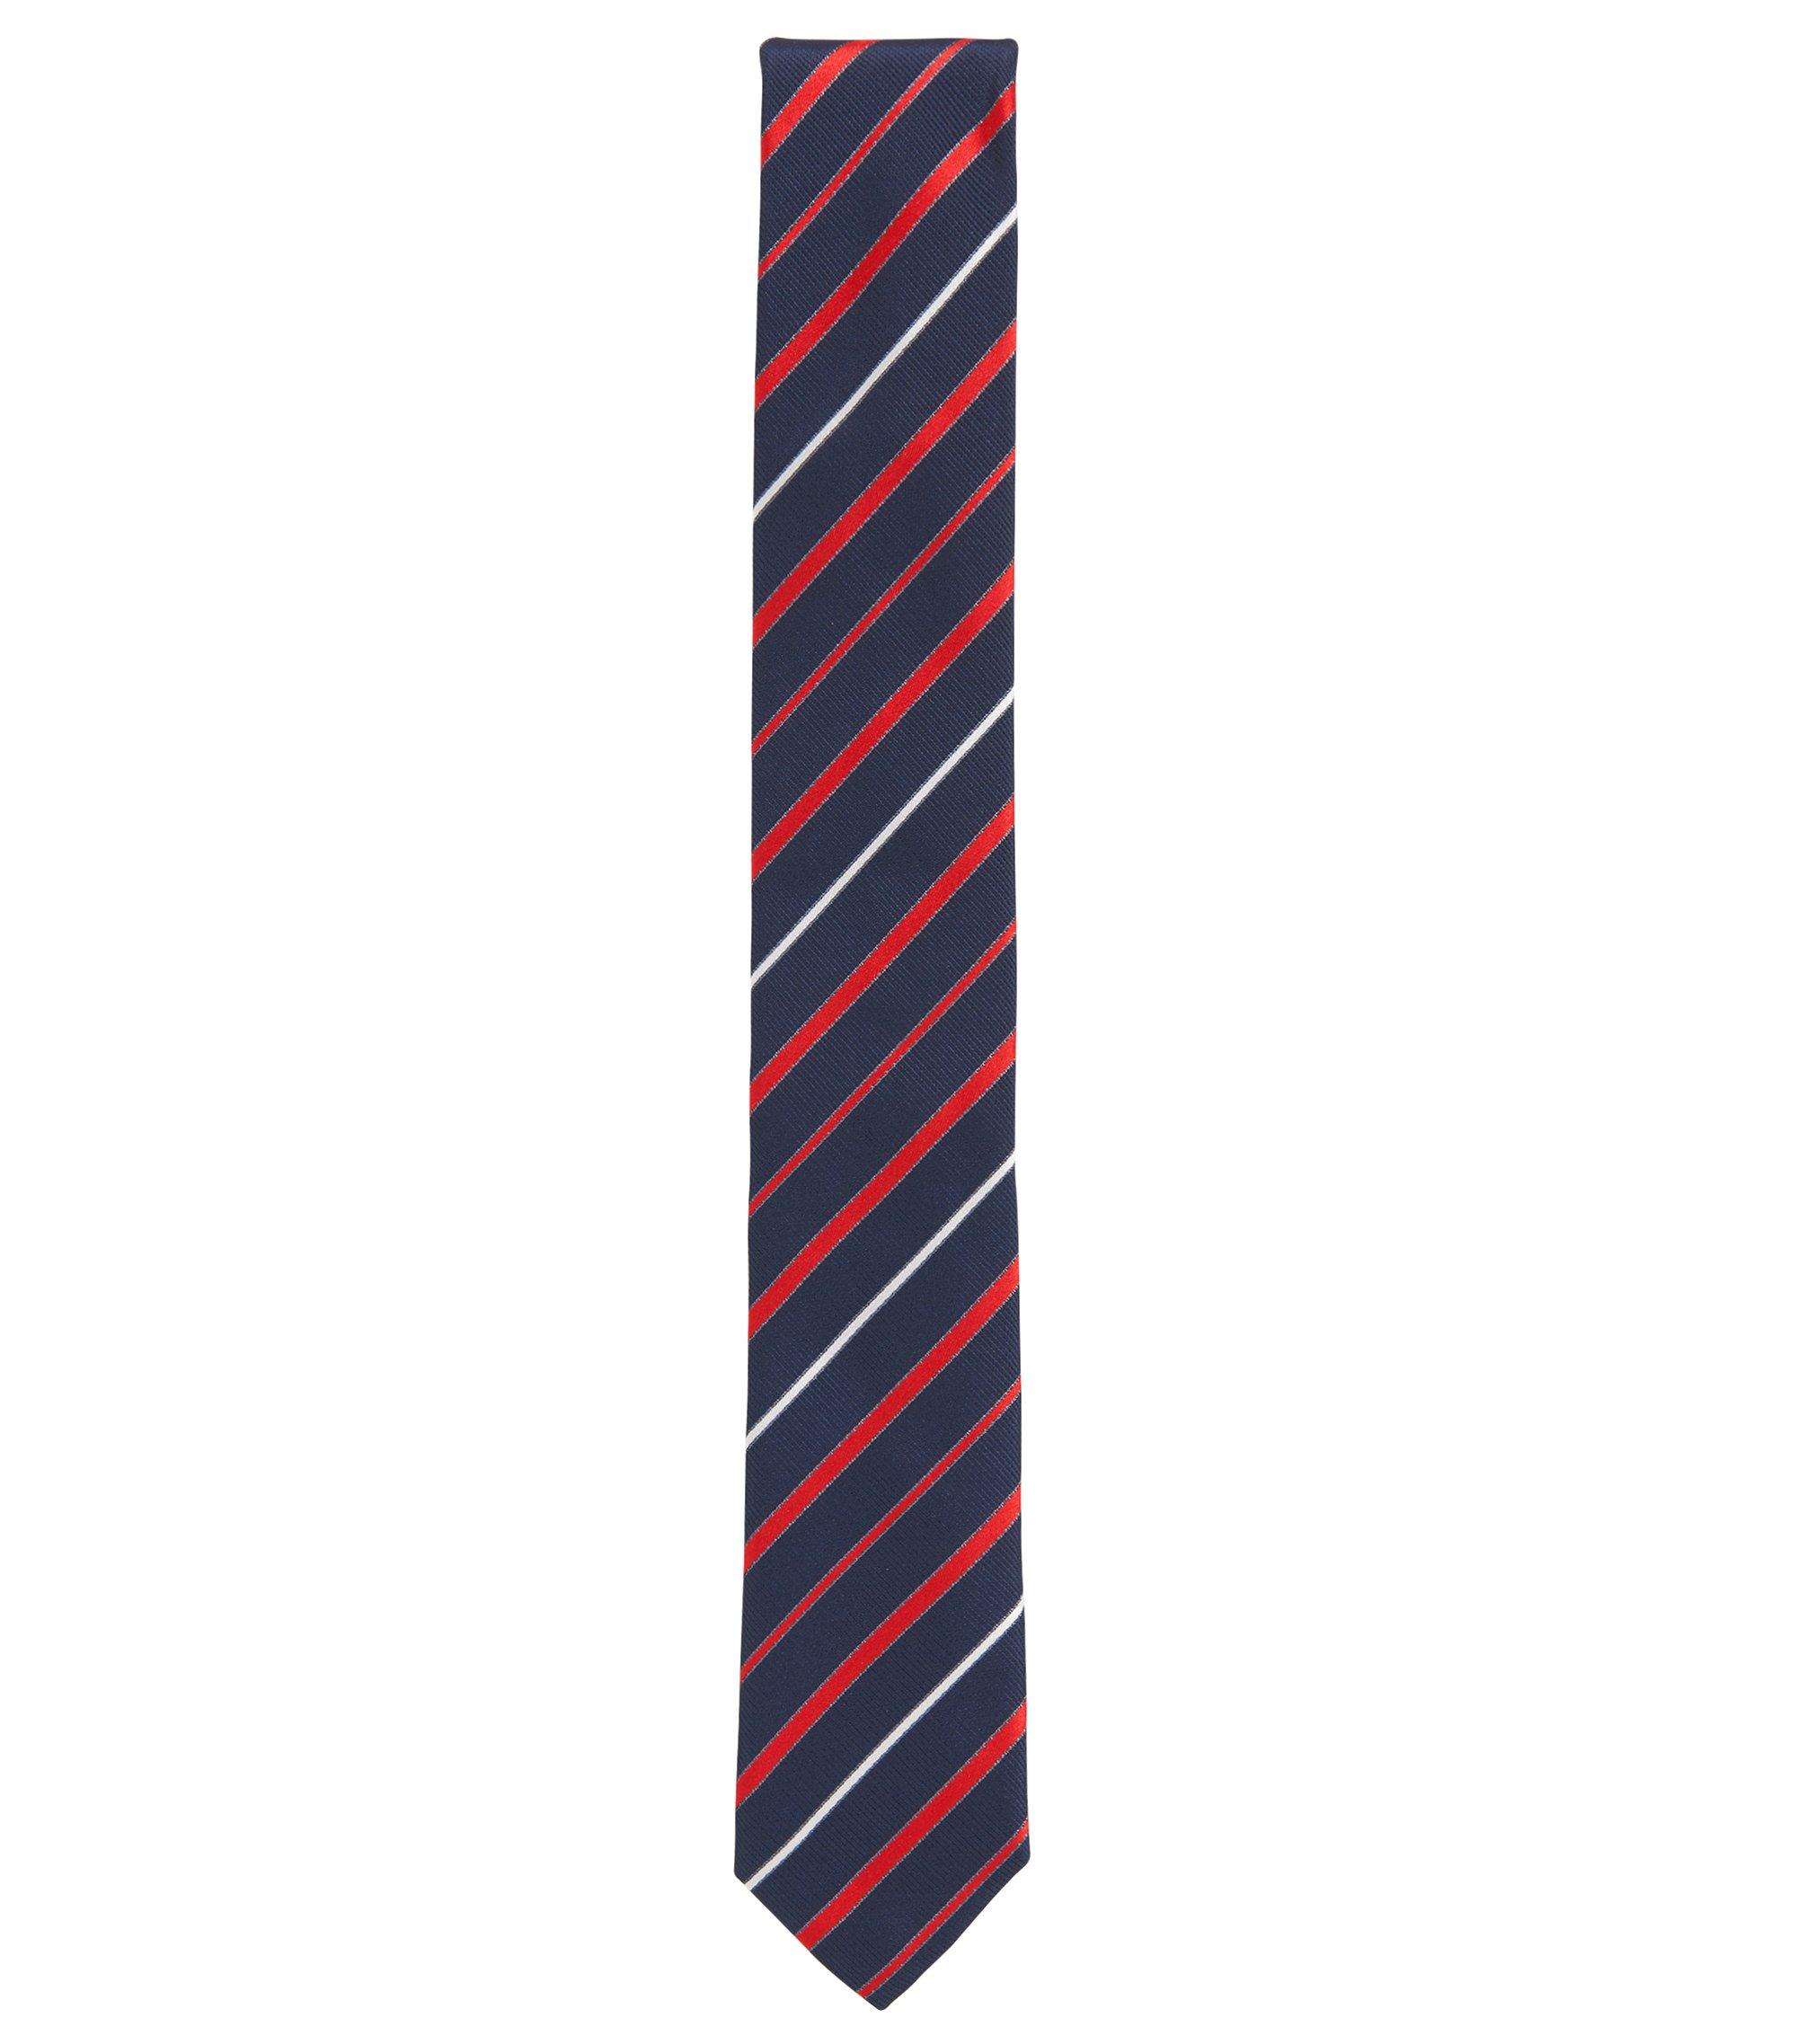 Cravate en jacquard de soie à rayures en diagonale, confectionnée en Italie, Rose foncé